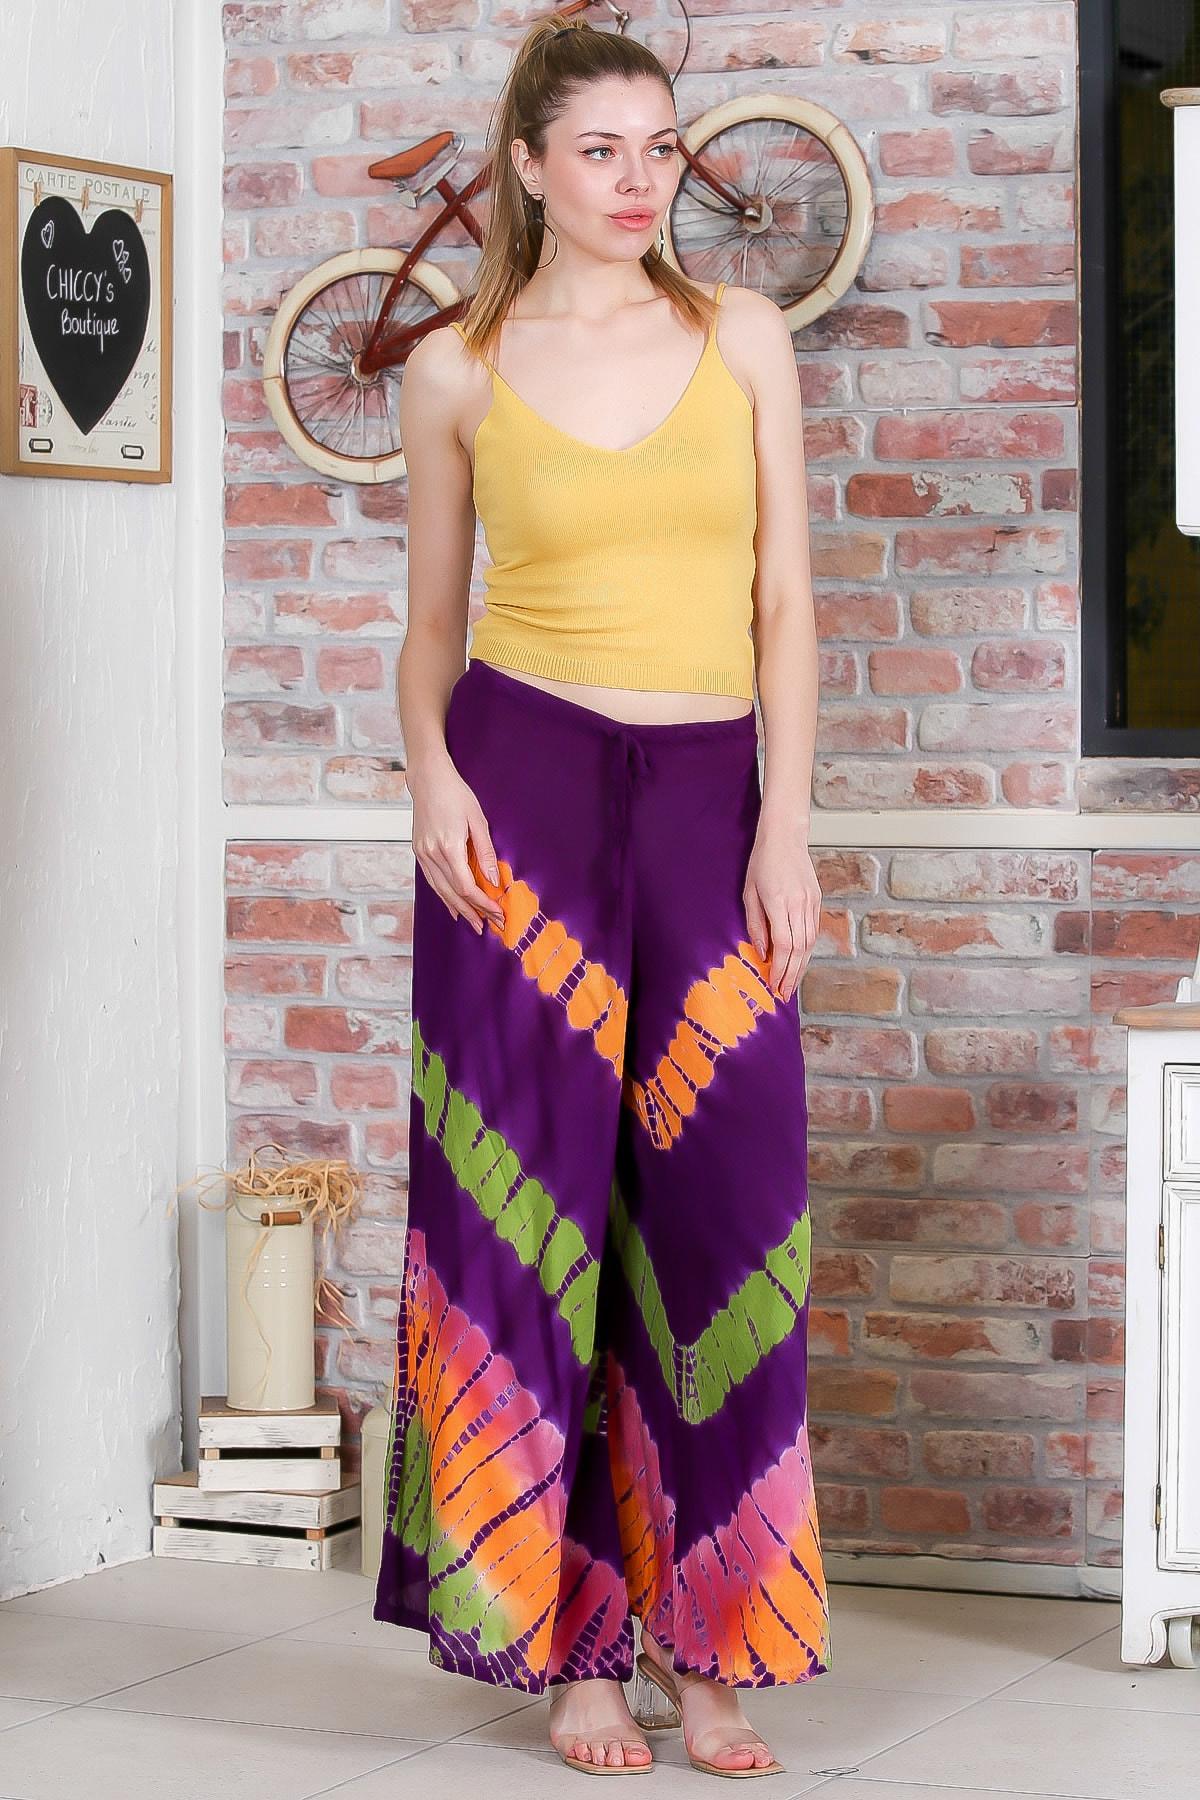 Chiccy Kadın Mor Batik Desenli Bol Paçalı Dokuma Pantolon M10060000PN98897 2